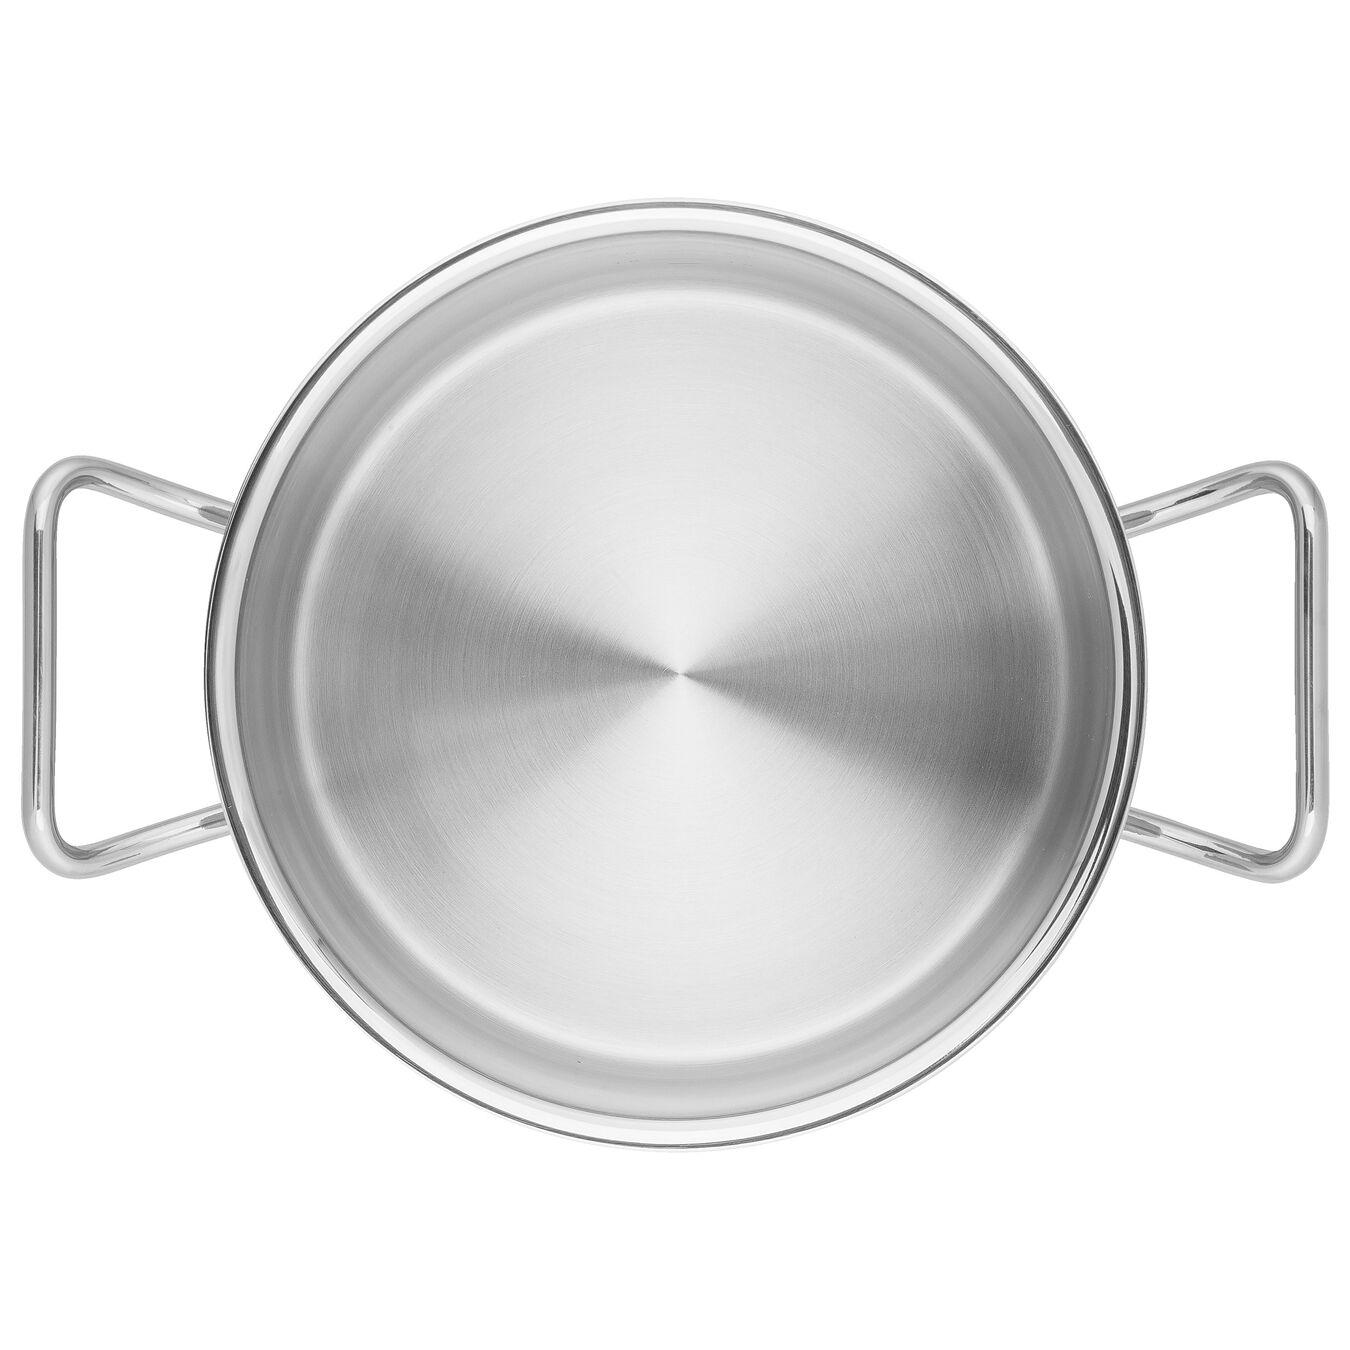 Pentola - 24 cm, 18/10 Acciaio inossidabile,,large 6